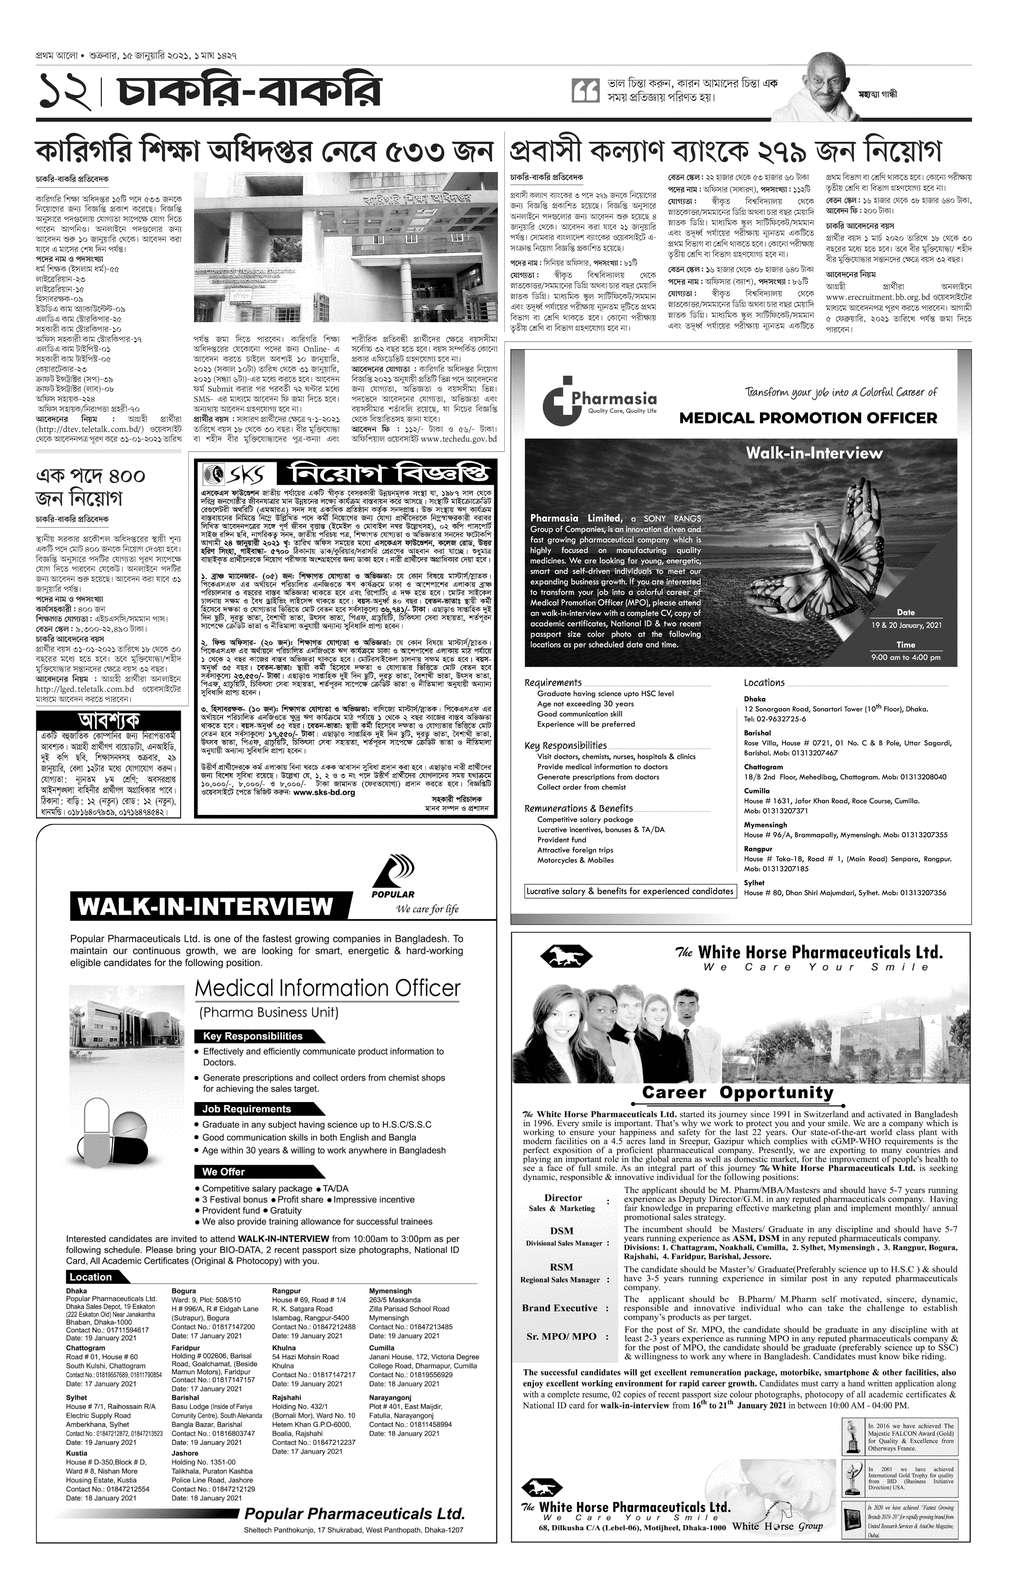 চাকরি বাকরি ১৫ জানুয়ারি ২০২১ -প্রথম আলো চাকরি বাকরি ১৫/১/২০২১